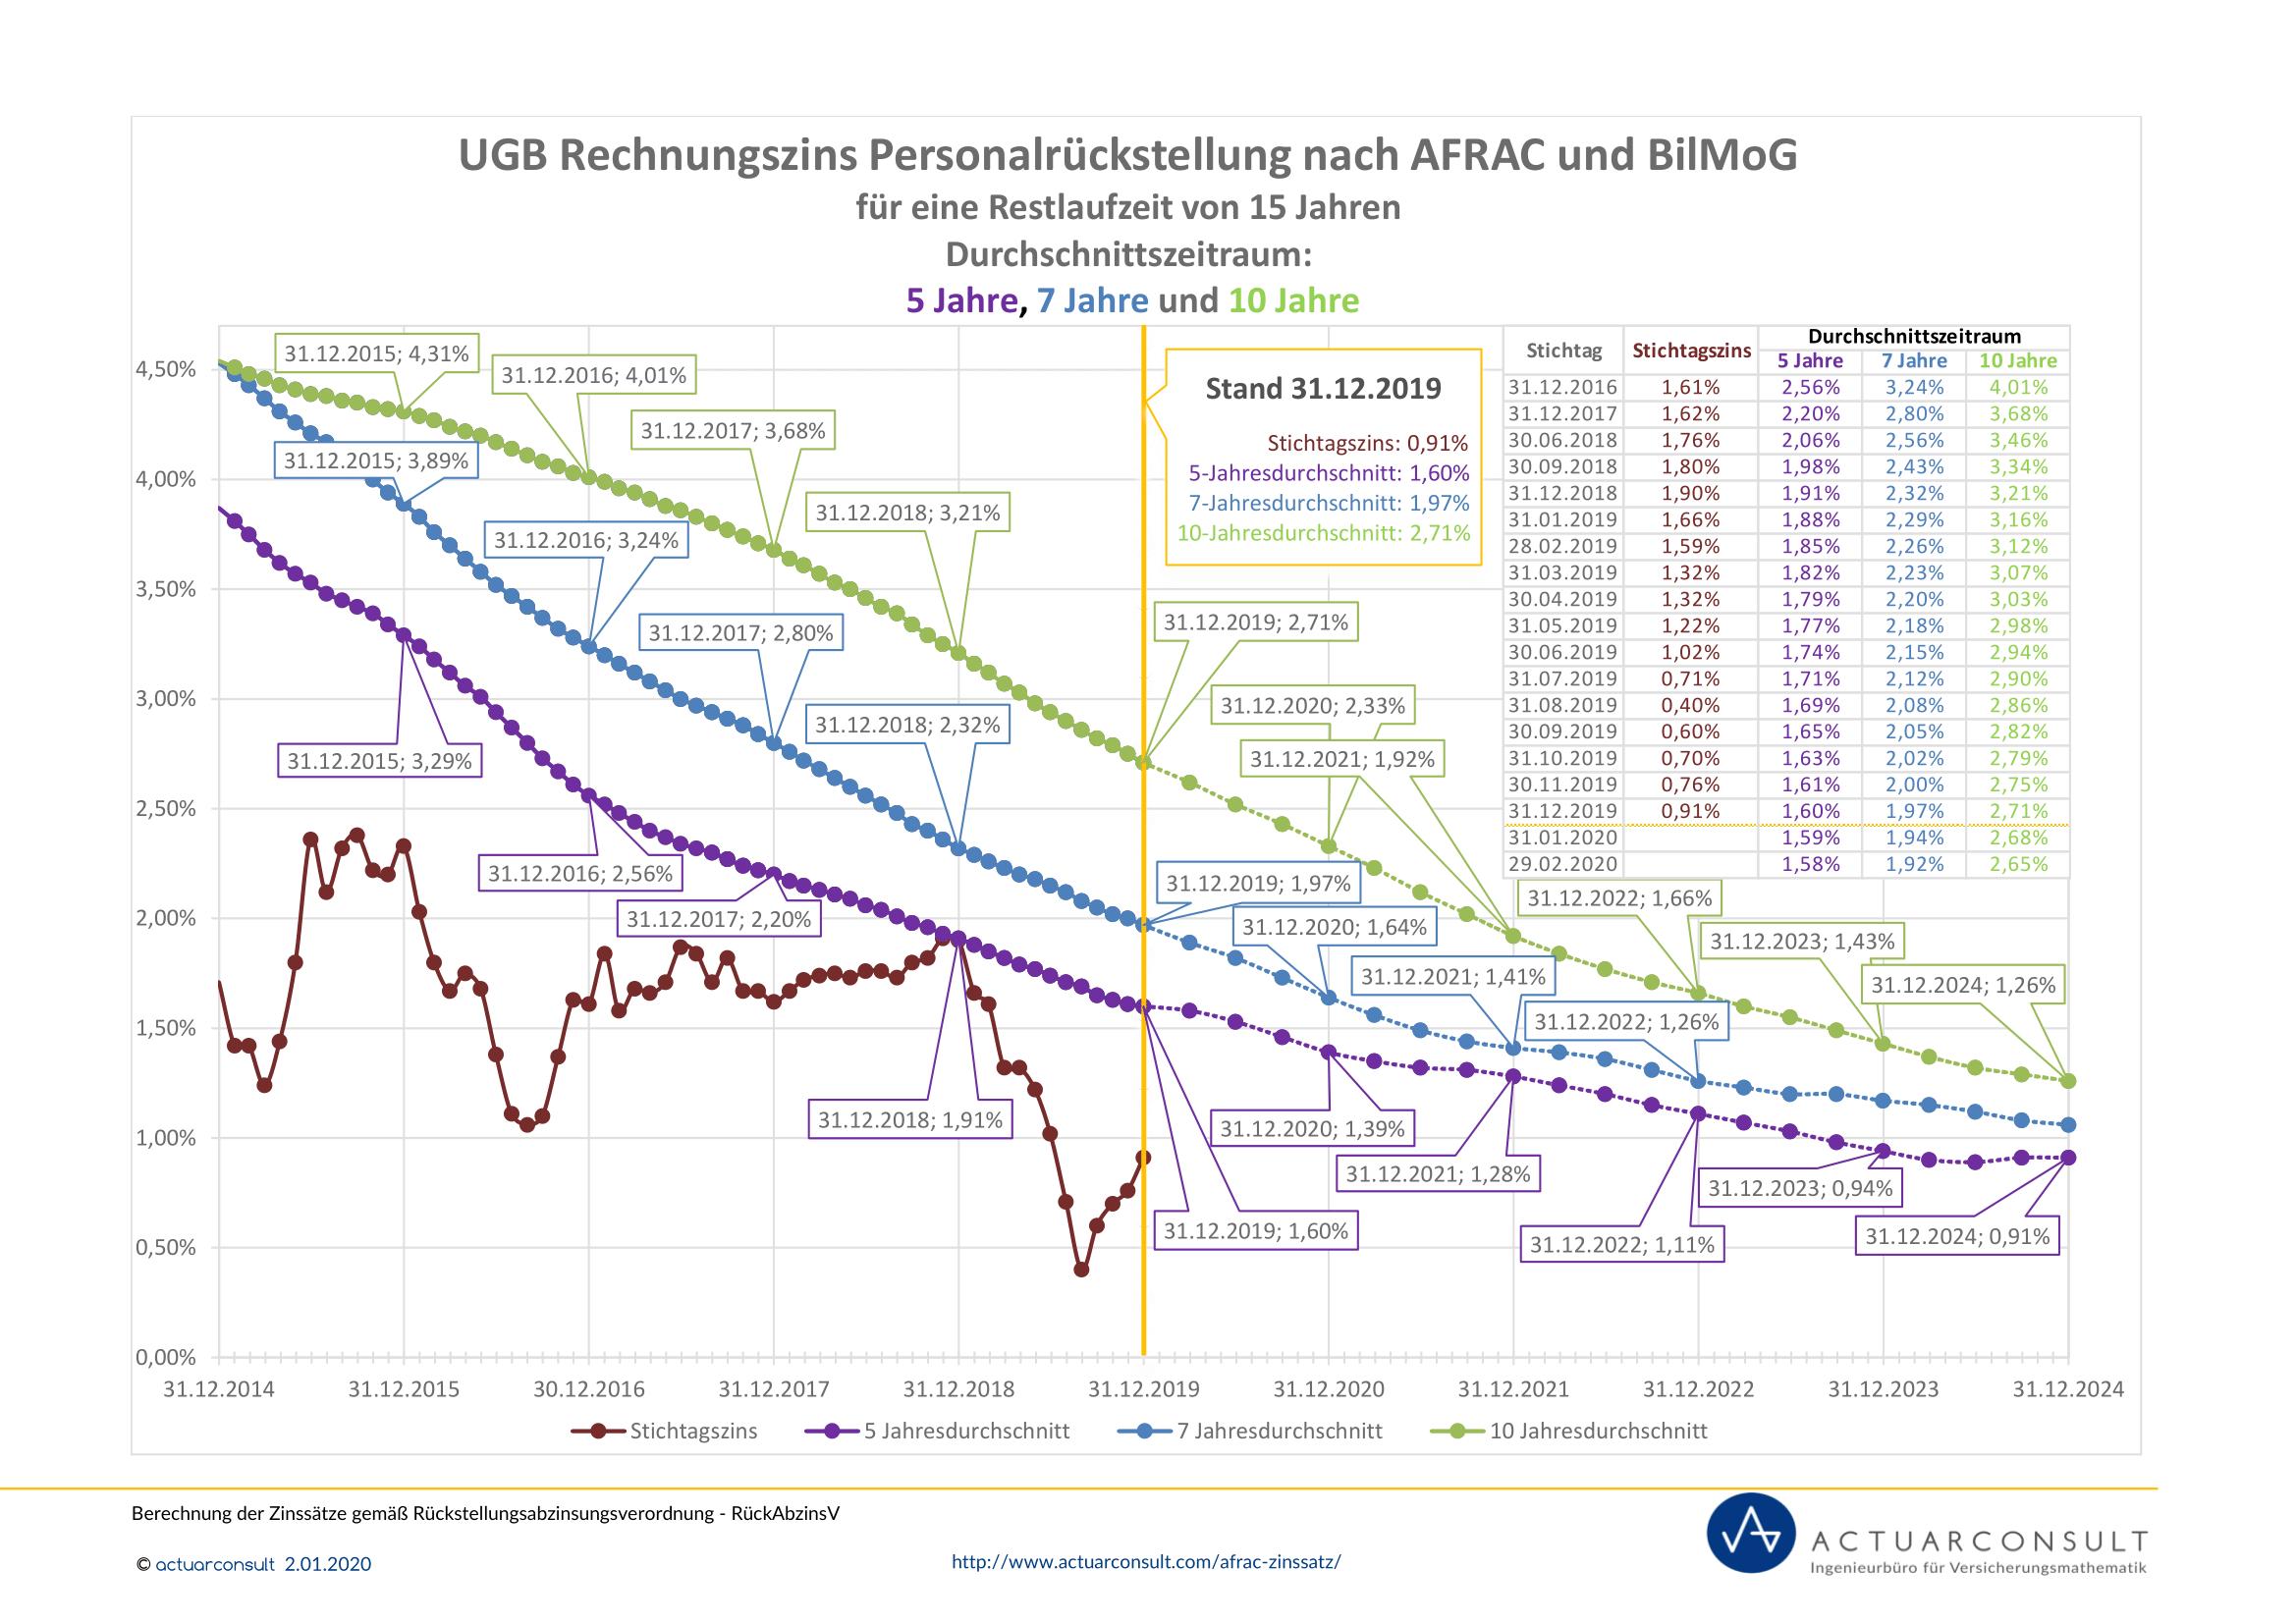 Grafik: UGB Rechnungszinssatz nach AFRAC und BilMoG 2019